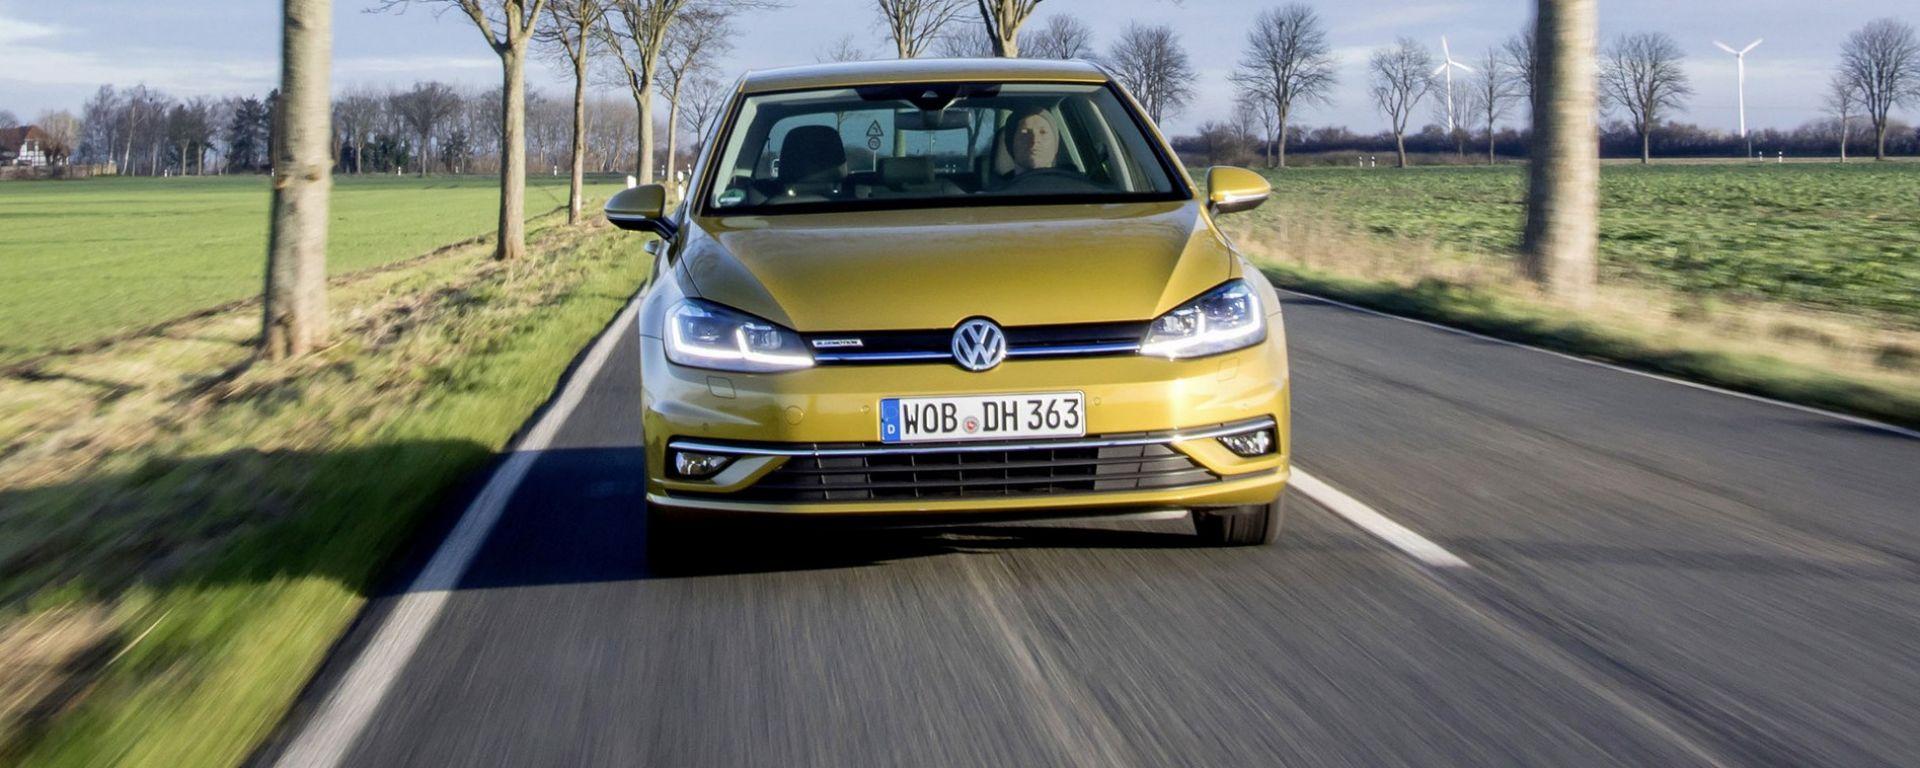 Nuova Volkswagen Golf TGI 2019, maggiore autonomia a metano